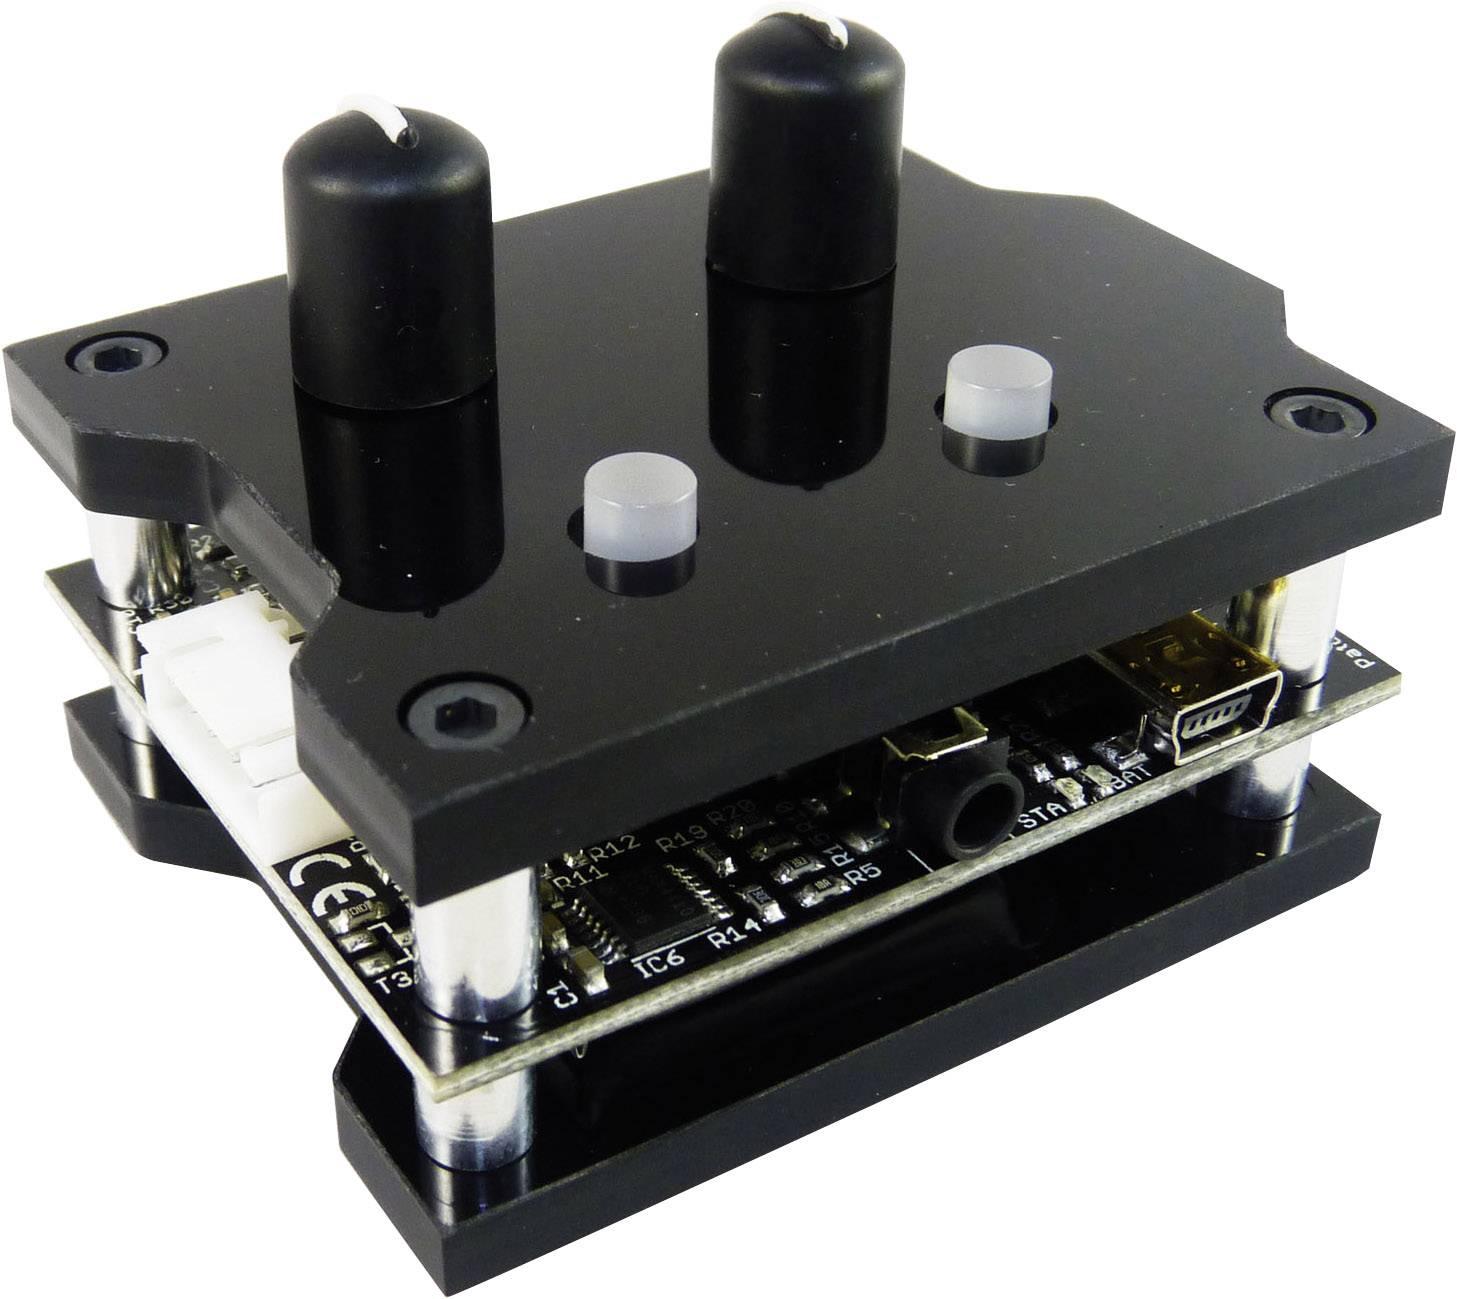 Programovatelný syntezátor pb Patch blok PB1-001-M1-4-AU1, černá